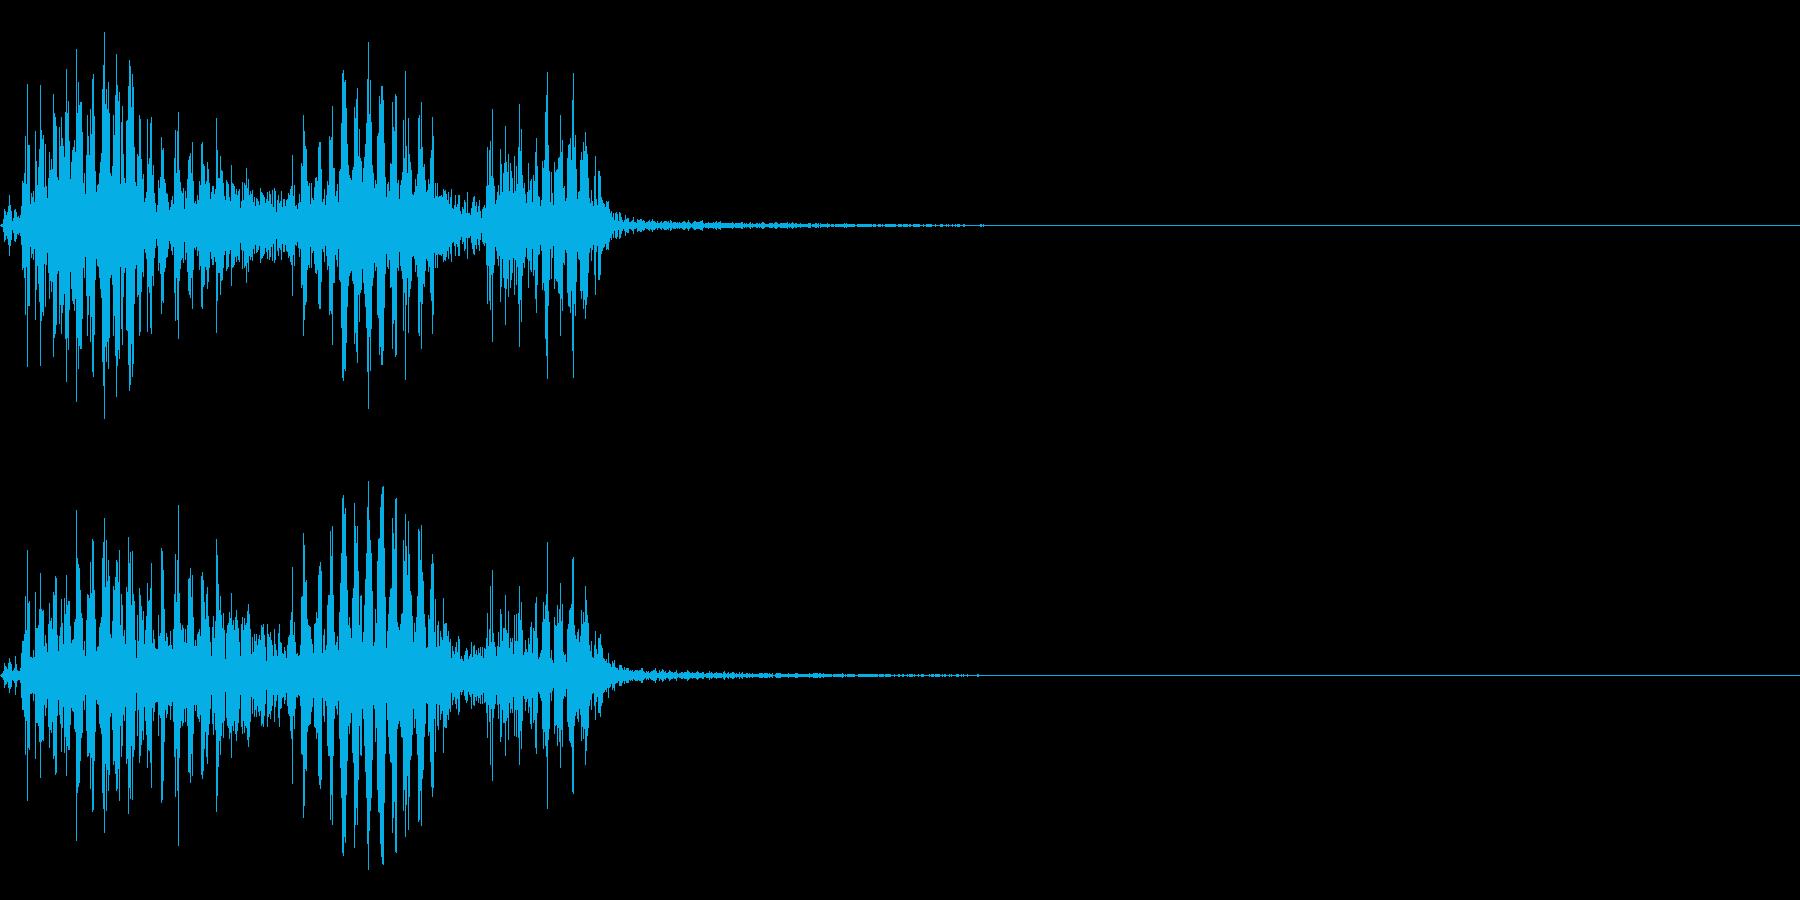 【生録音】フラミンゴの鳴き声 31の再生済みの波形